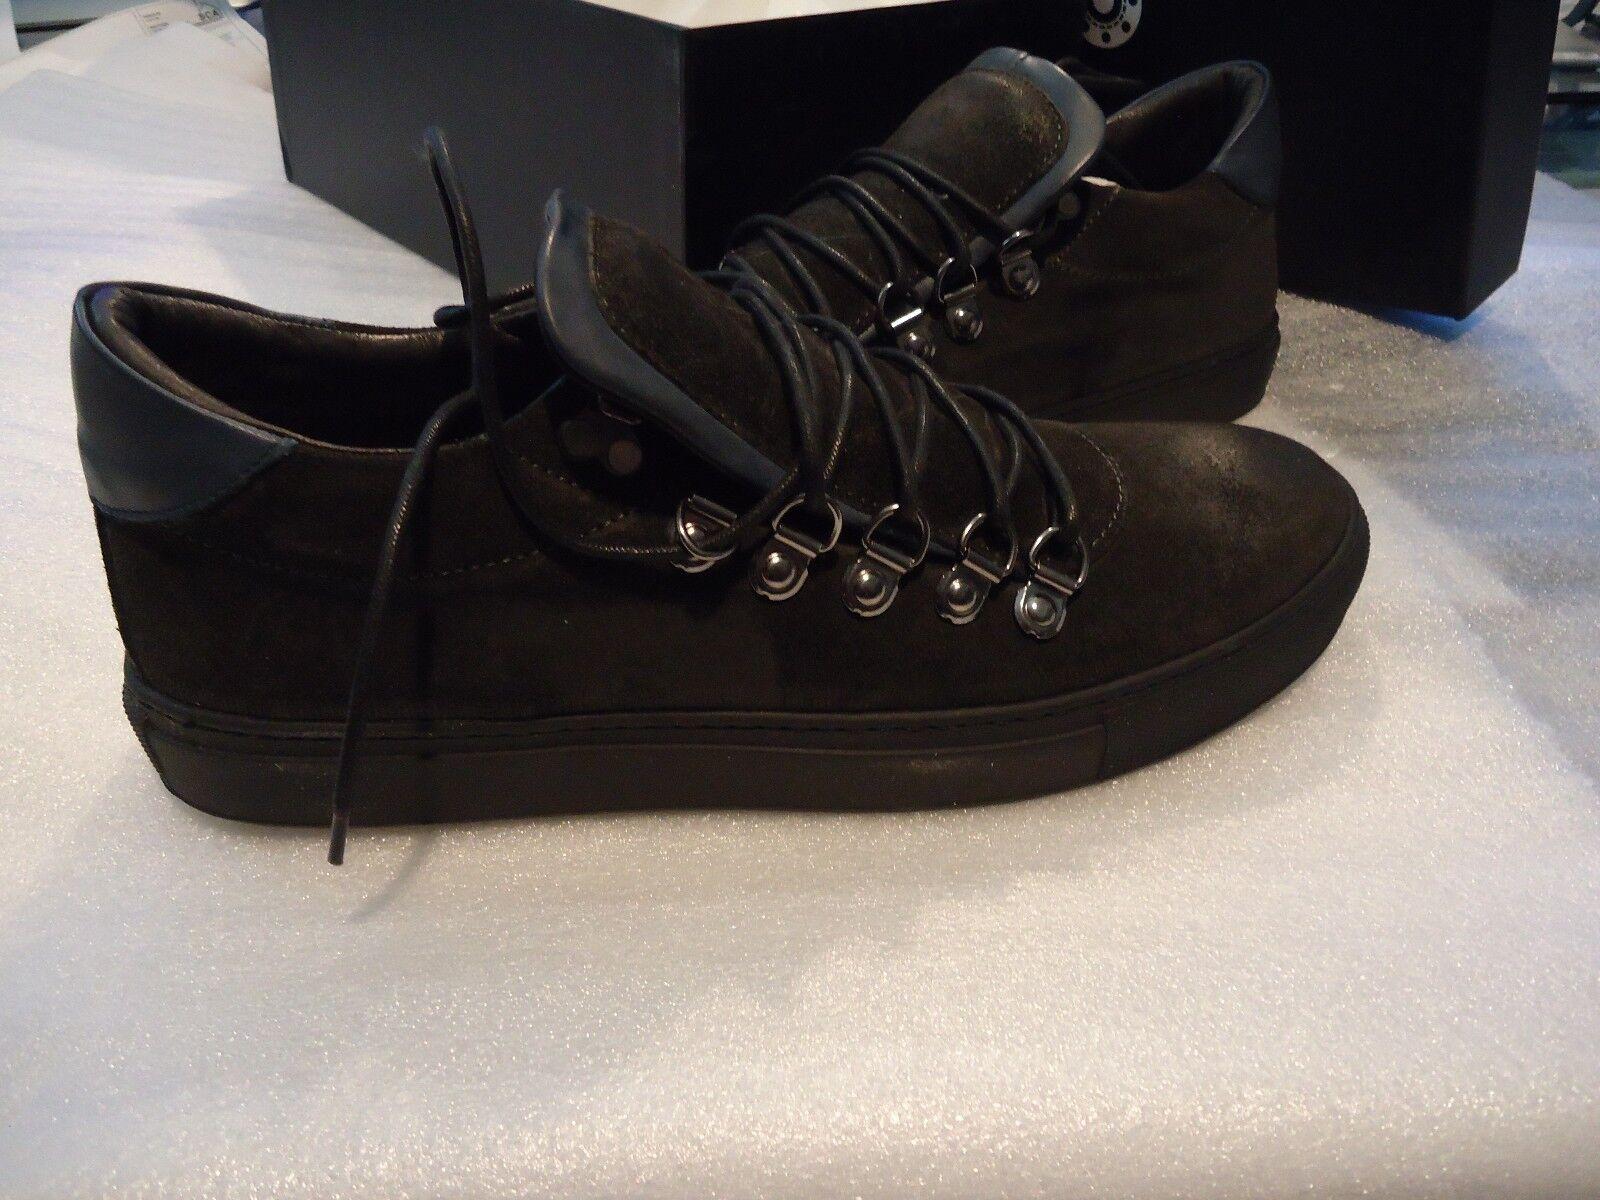 BcourirO BORDESE Chaussures en cuir, UE Taille - 44, US-10 1 2. Fabriqué en Italie. Superbe